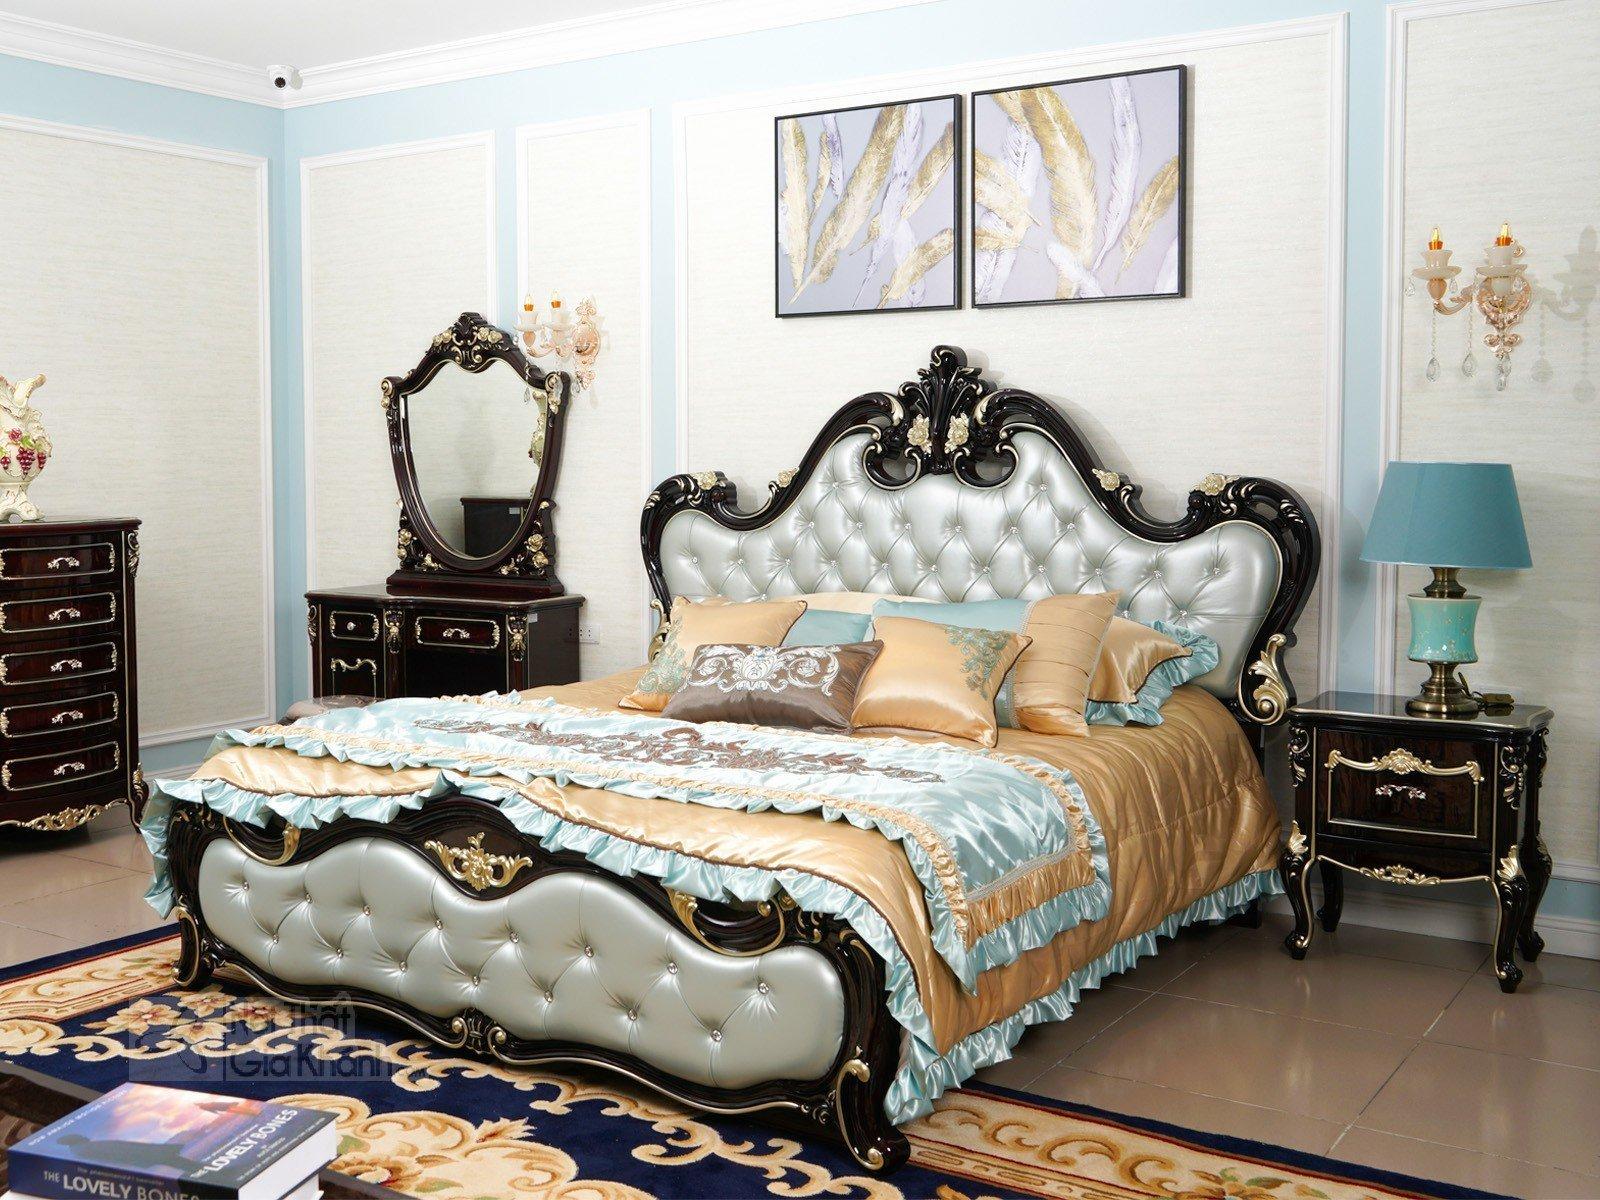 bo phong ngu tan co dien gom giuong ngu va ban phan bn8801g - Tủ đầu giường gỗ tân cổ điển TA8801G